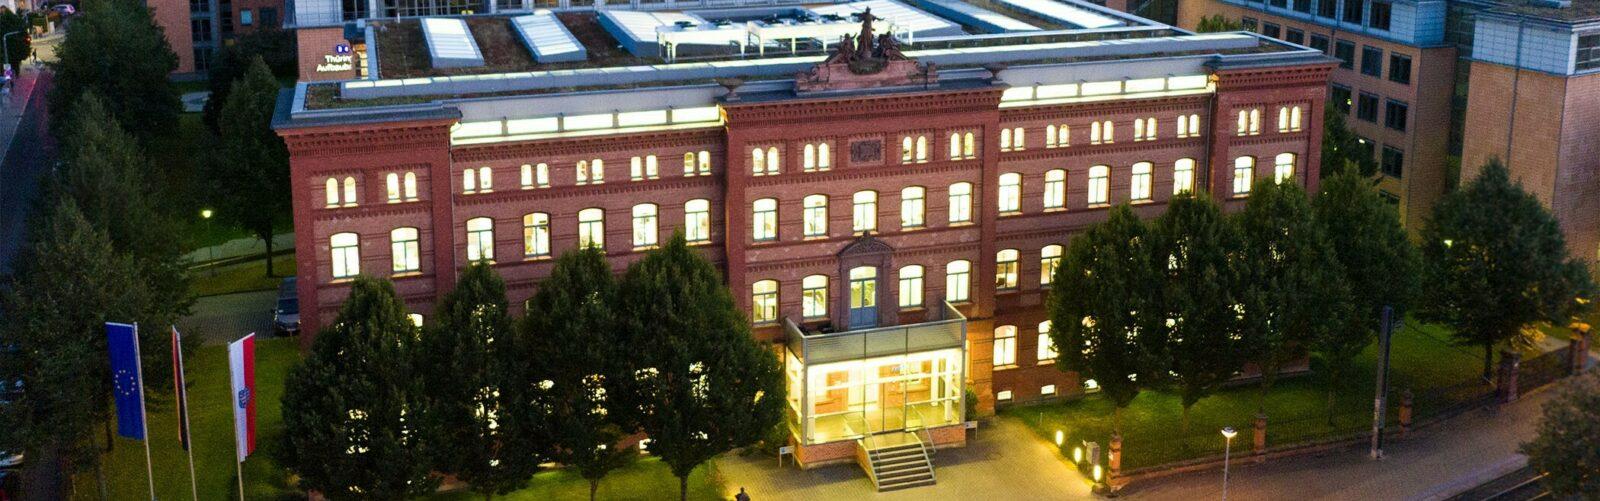 Zentrale de rTAB im Erfurter Brühl (im Bild: historisches TAB-Gebäude im Abendlicht, alle Fenster sind beleuchtet)